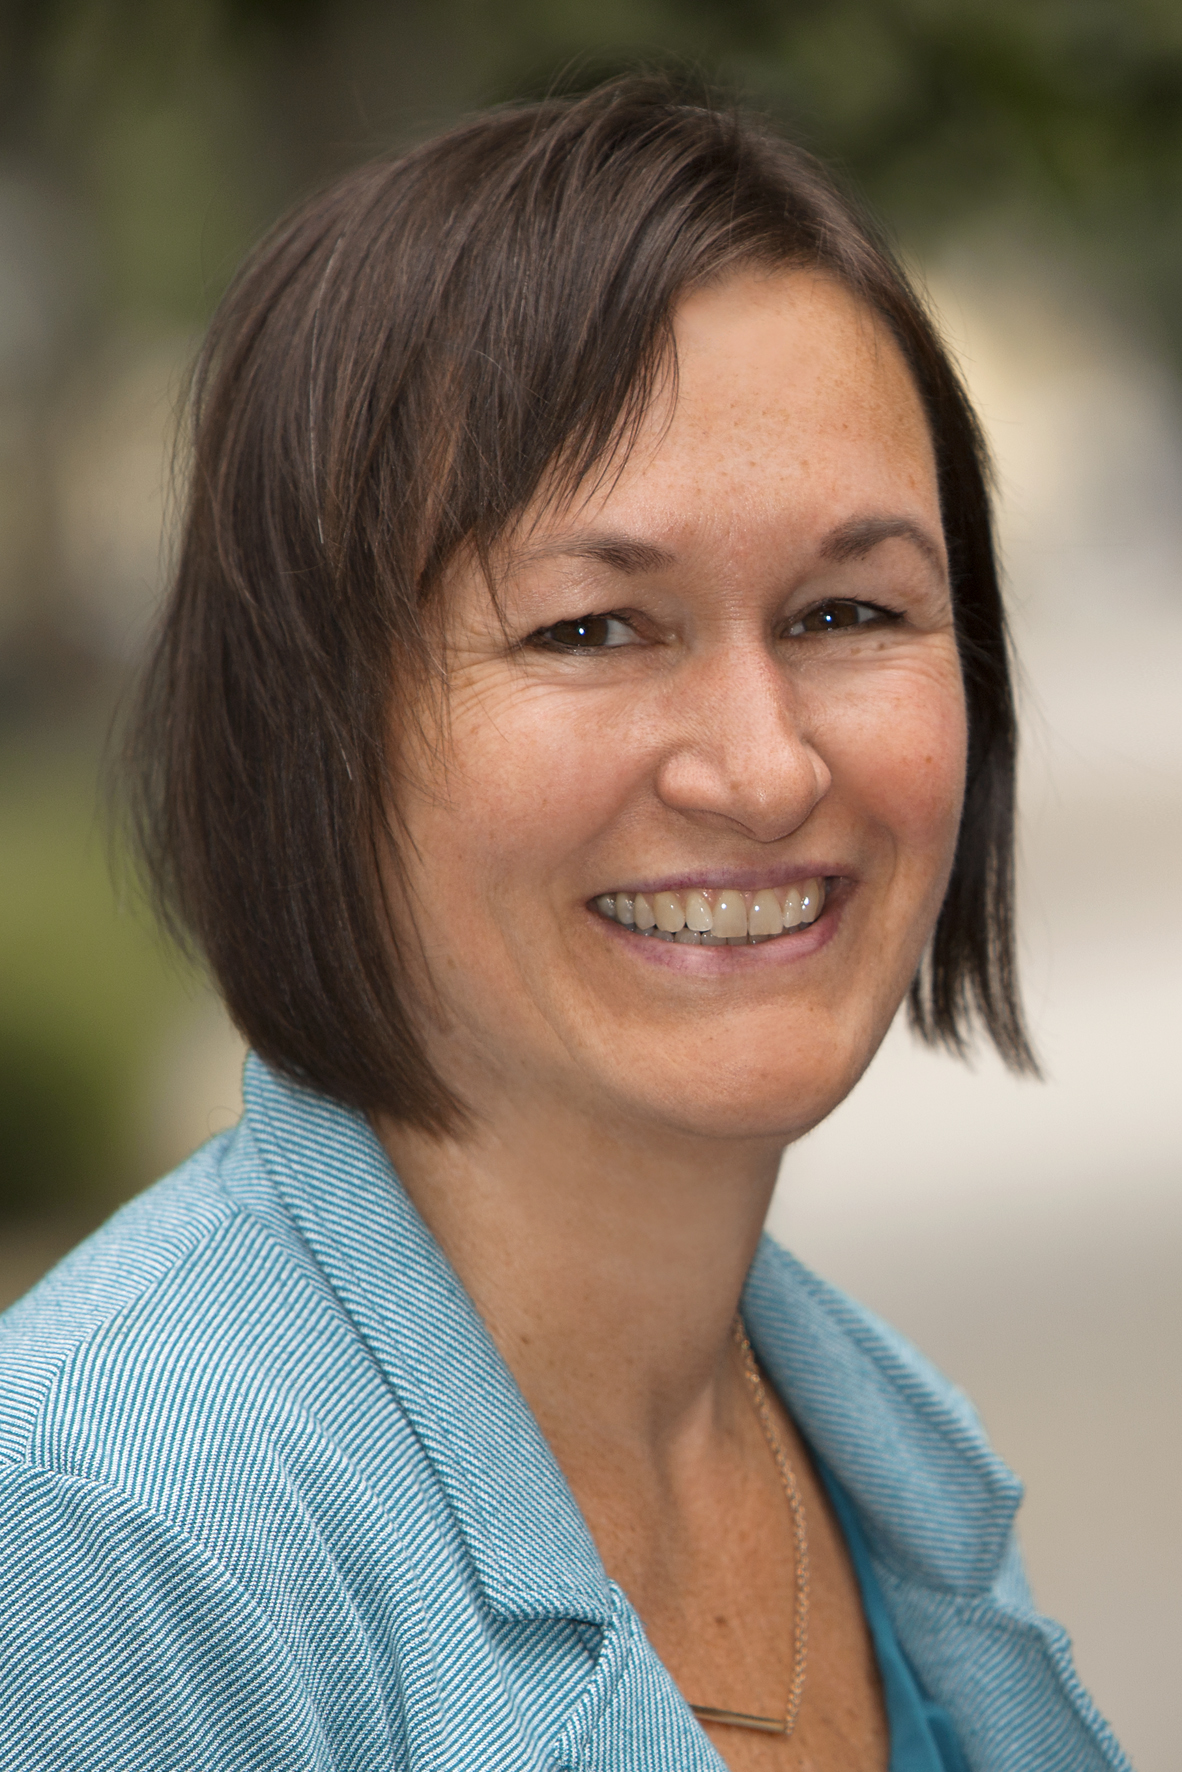 Dorothee Teutsch